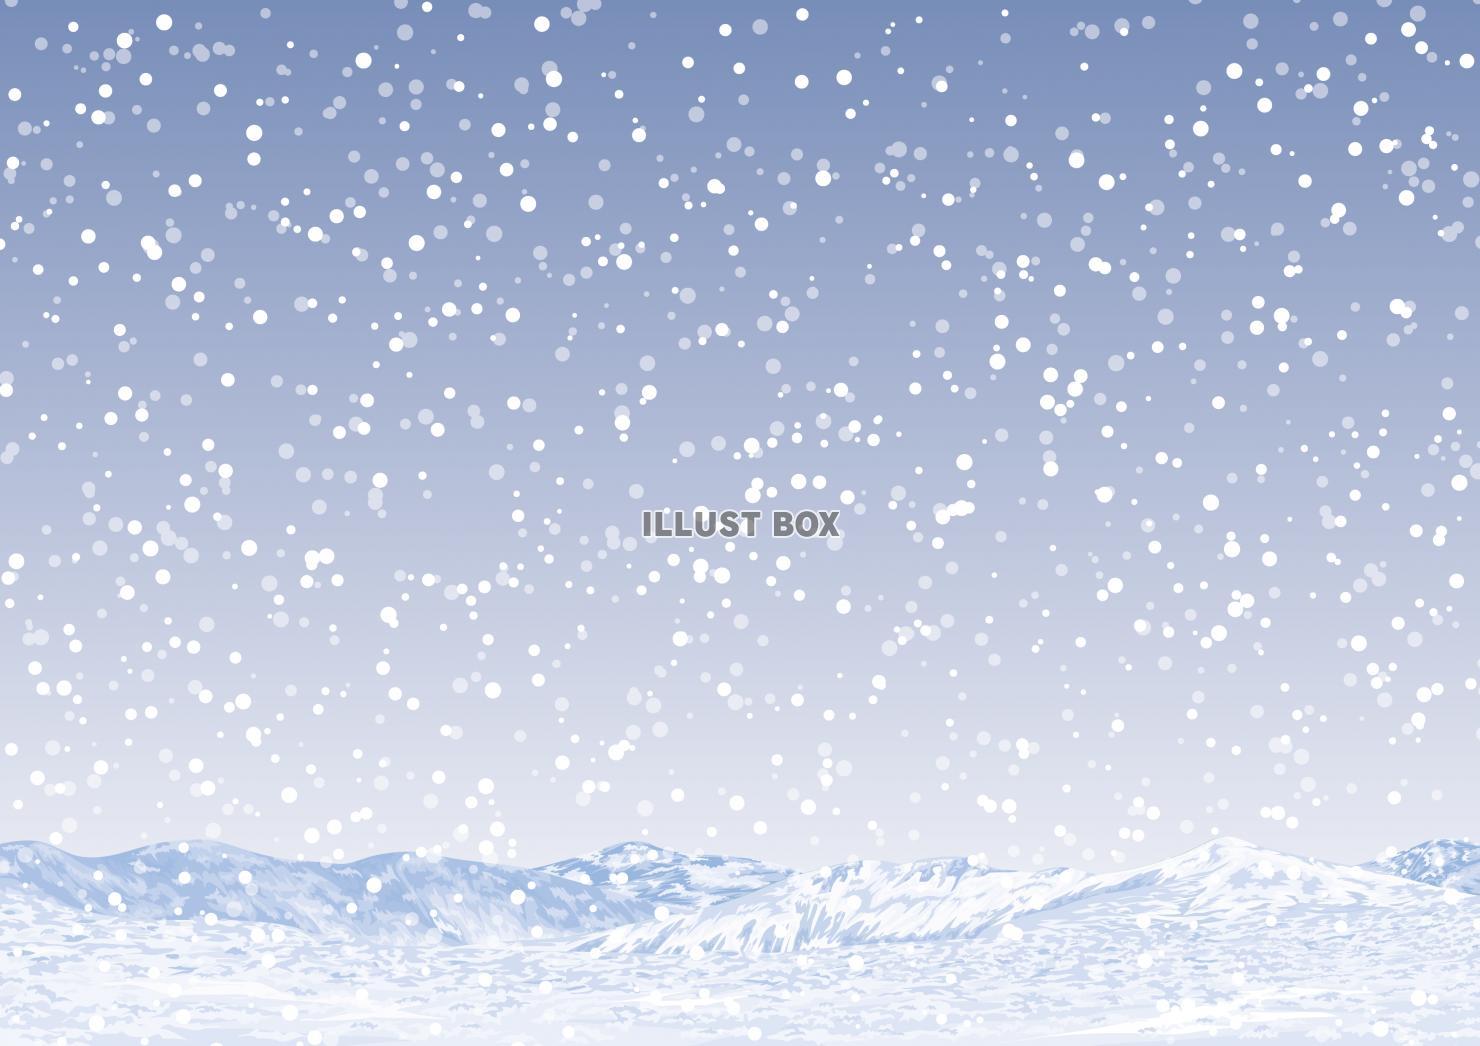 無料イラスト 冬のイメージ 雪景色 壁紙